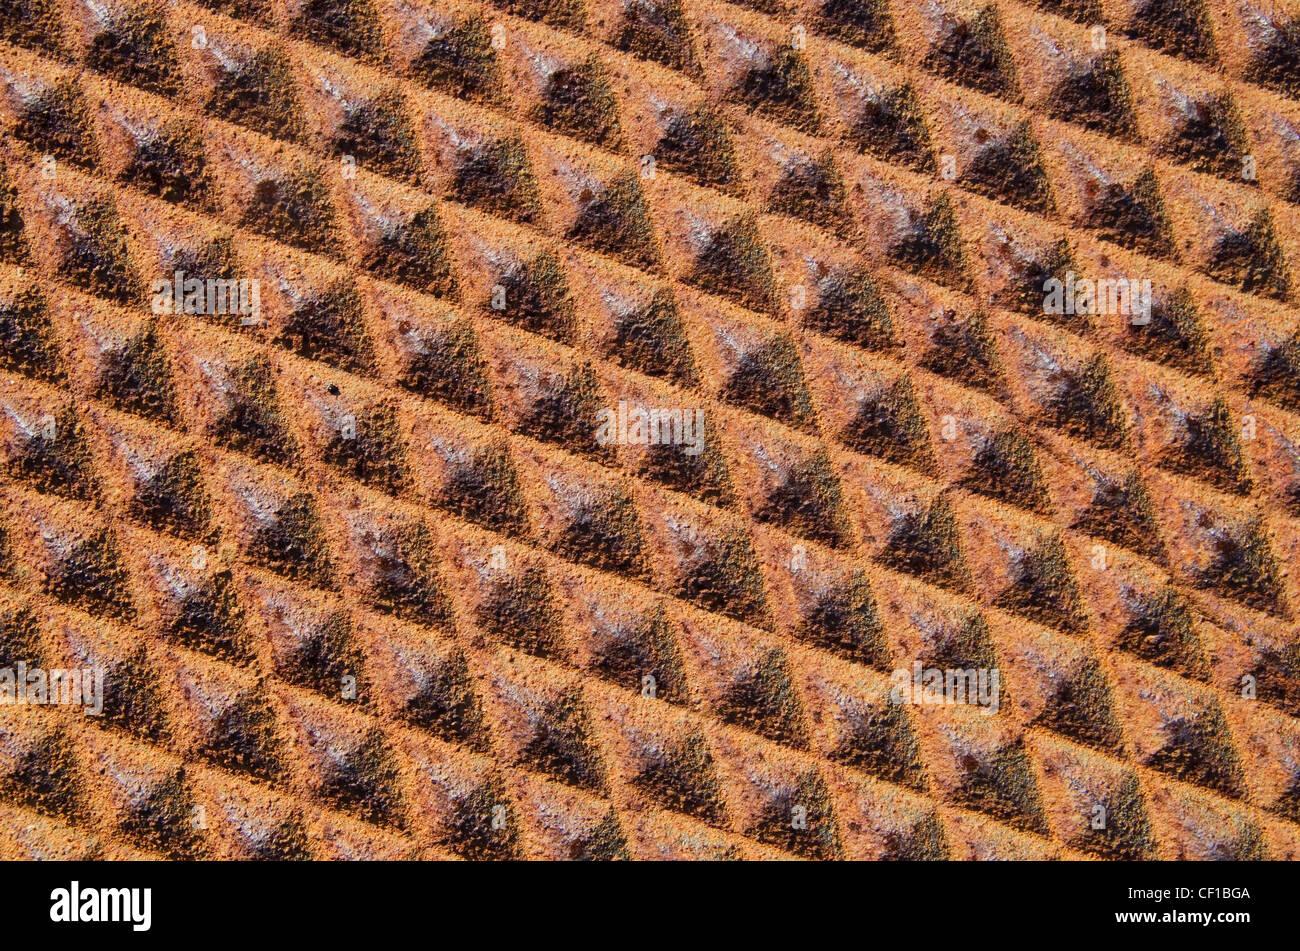 Sfondo di ferro arrugginito in metallo con diamante pattern texture Immagini Stock